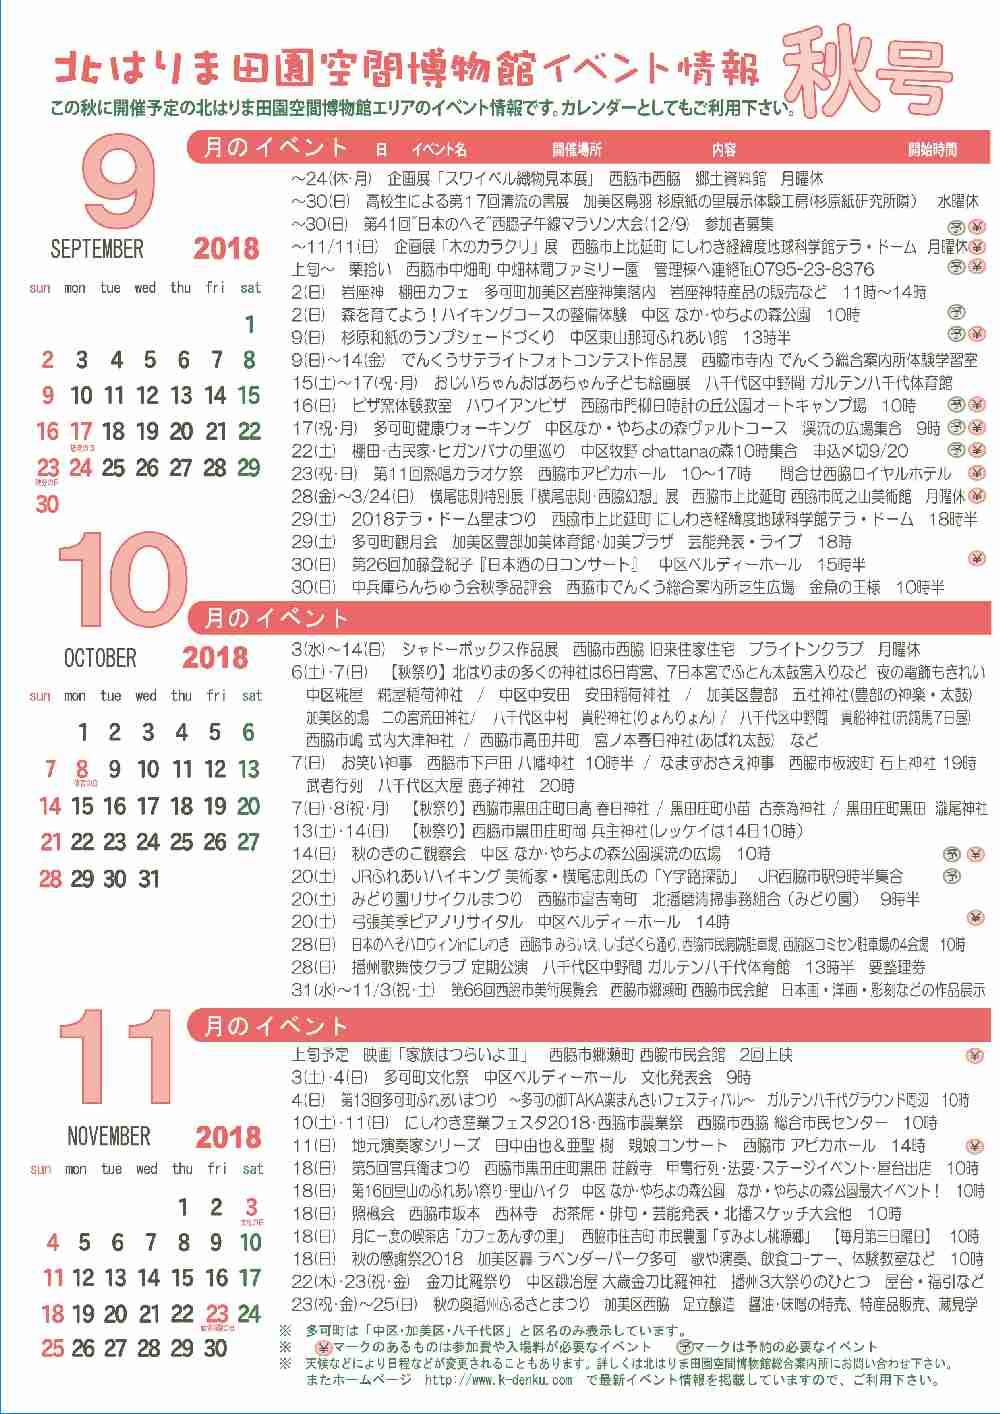 2018秋の見てみてガイド&イベントカレンダー